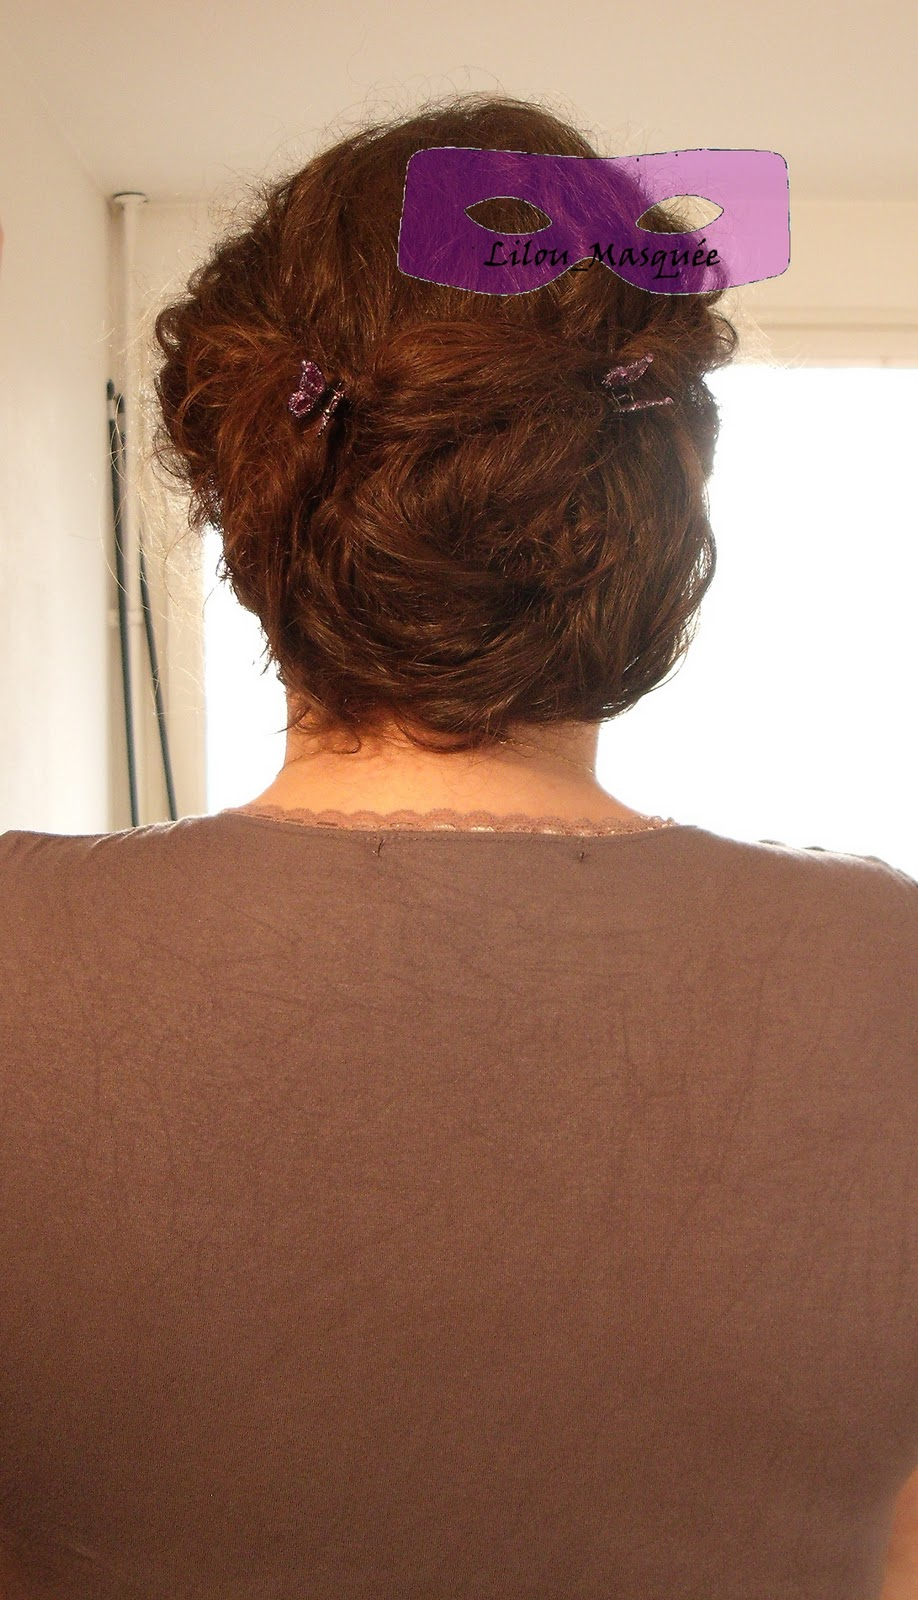 1001 coiffures tuto coiffure 2 chignons flous pour cheveux boucl s. Black Bedroom Furniture Sets. Home Design Ideas